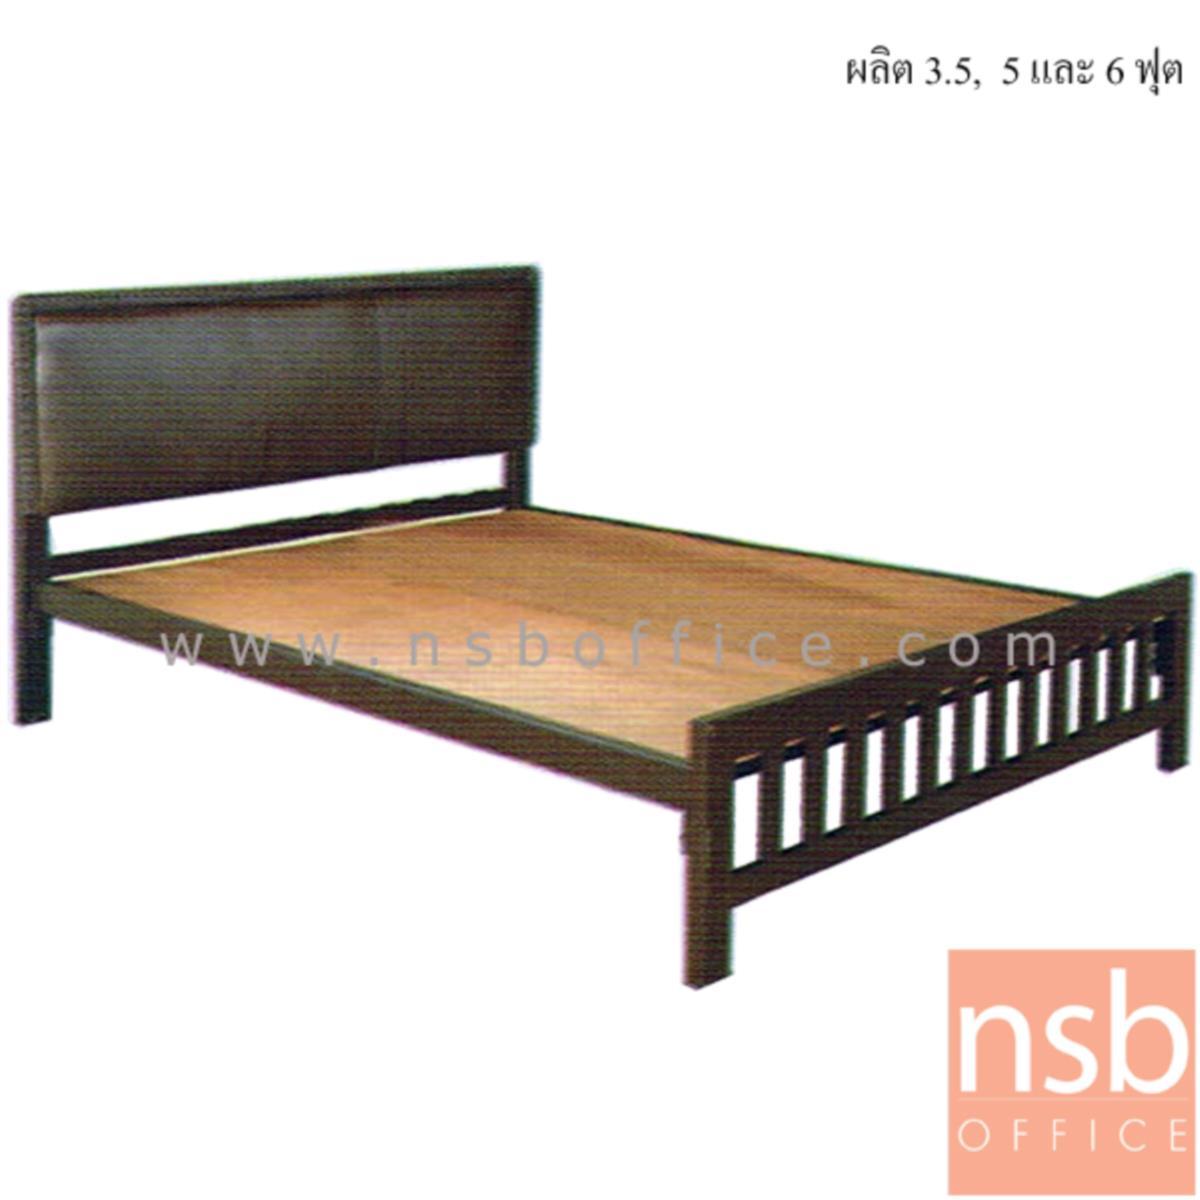 G11A260:เตียงเหล็ก หัวเตียงสูงบุหนังเทียม  รุ่น Rosemarie (โรสแมรี) (ผลิต 3.5, 5 และ 6 ฟุต) พร้อมแผ่นไม้ปูเตียง